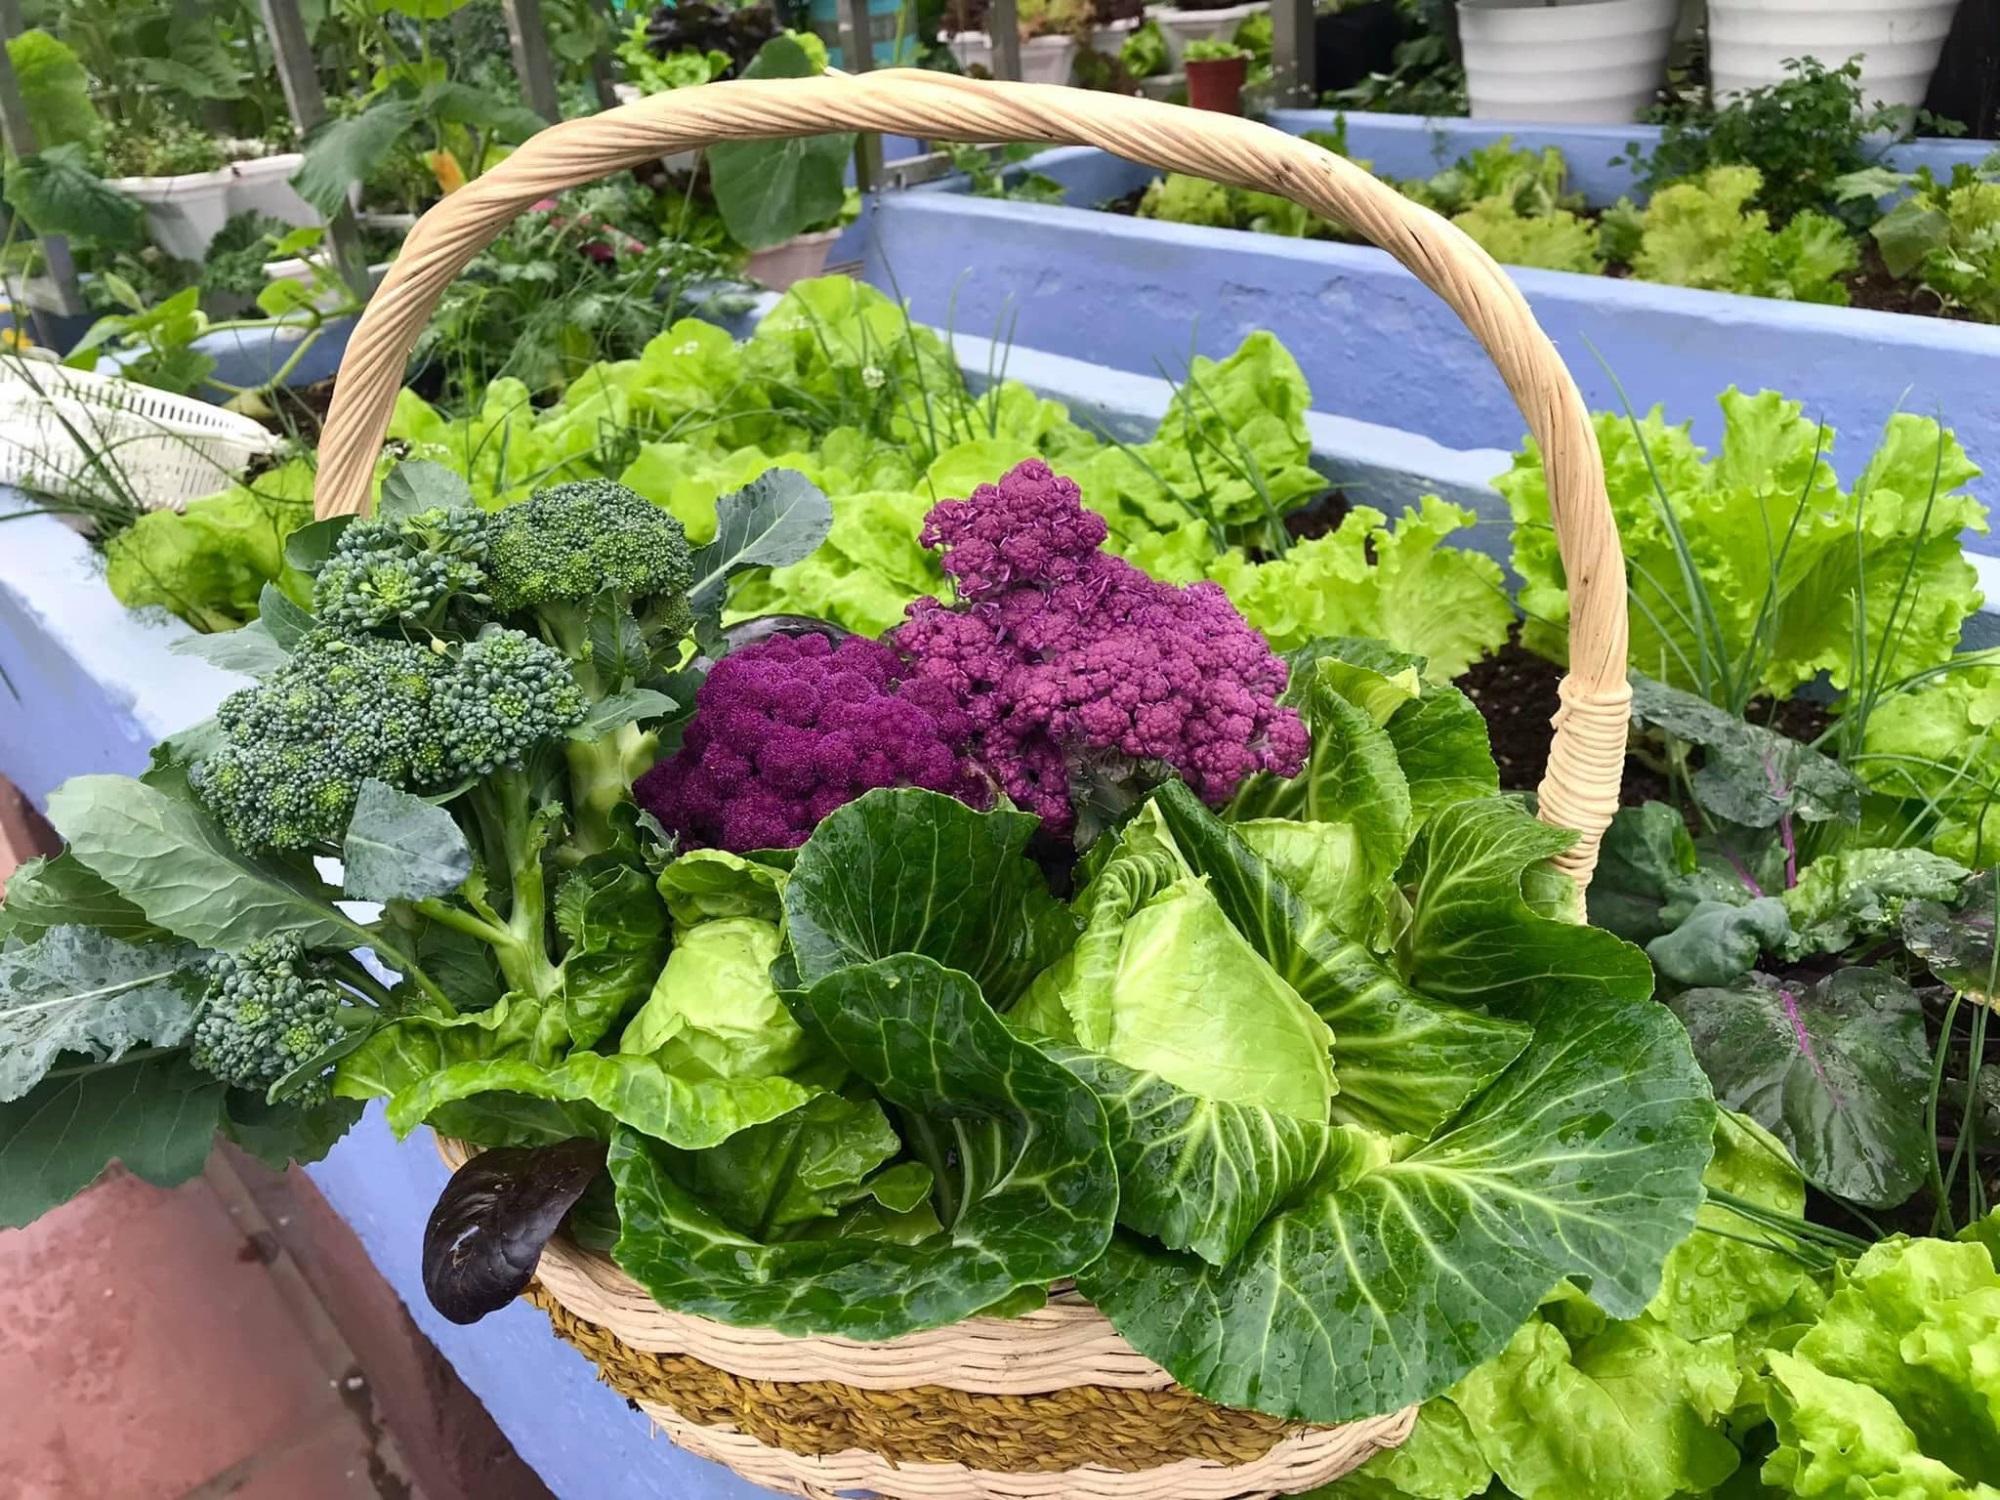 Mẹ đảm 'mách nước' cách thiết kế và trồng rau trên sân thượng cực dễ, rau trái có ăn quanh năm - Ảnh 9